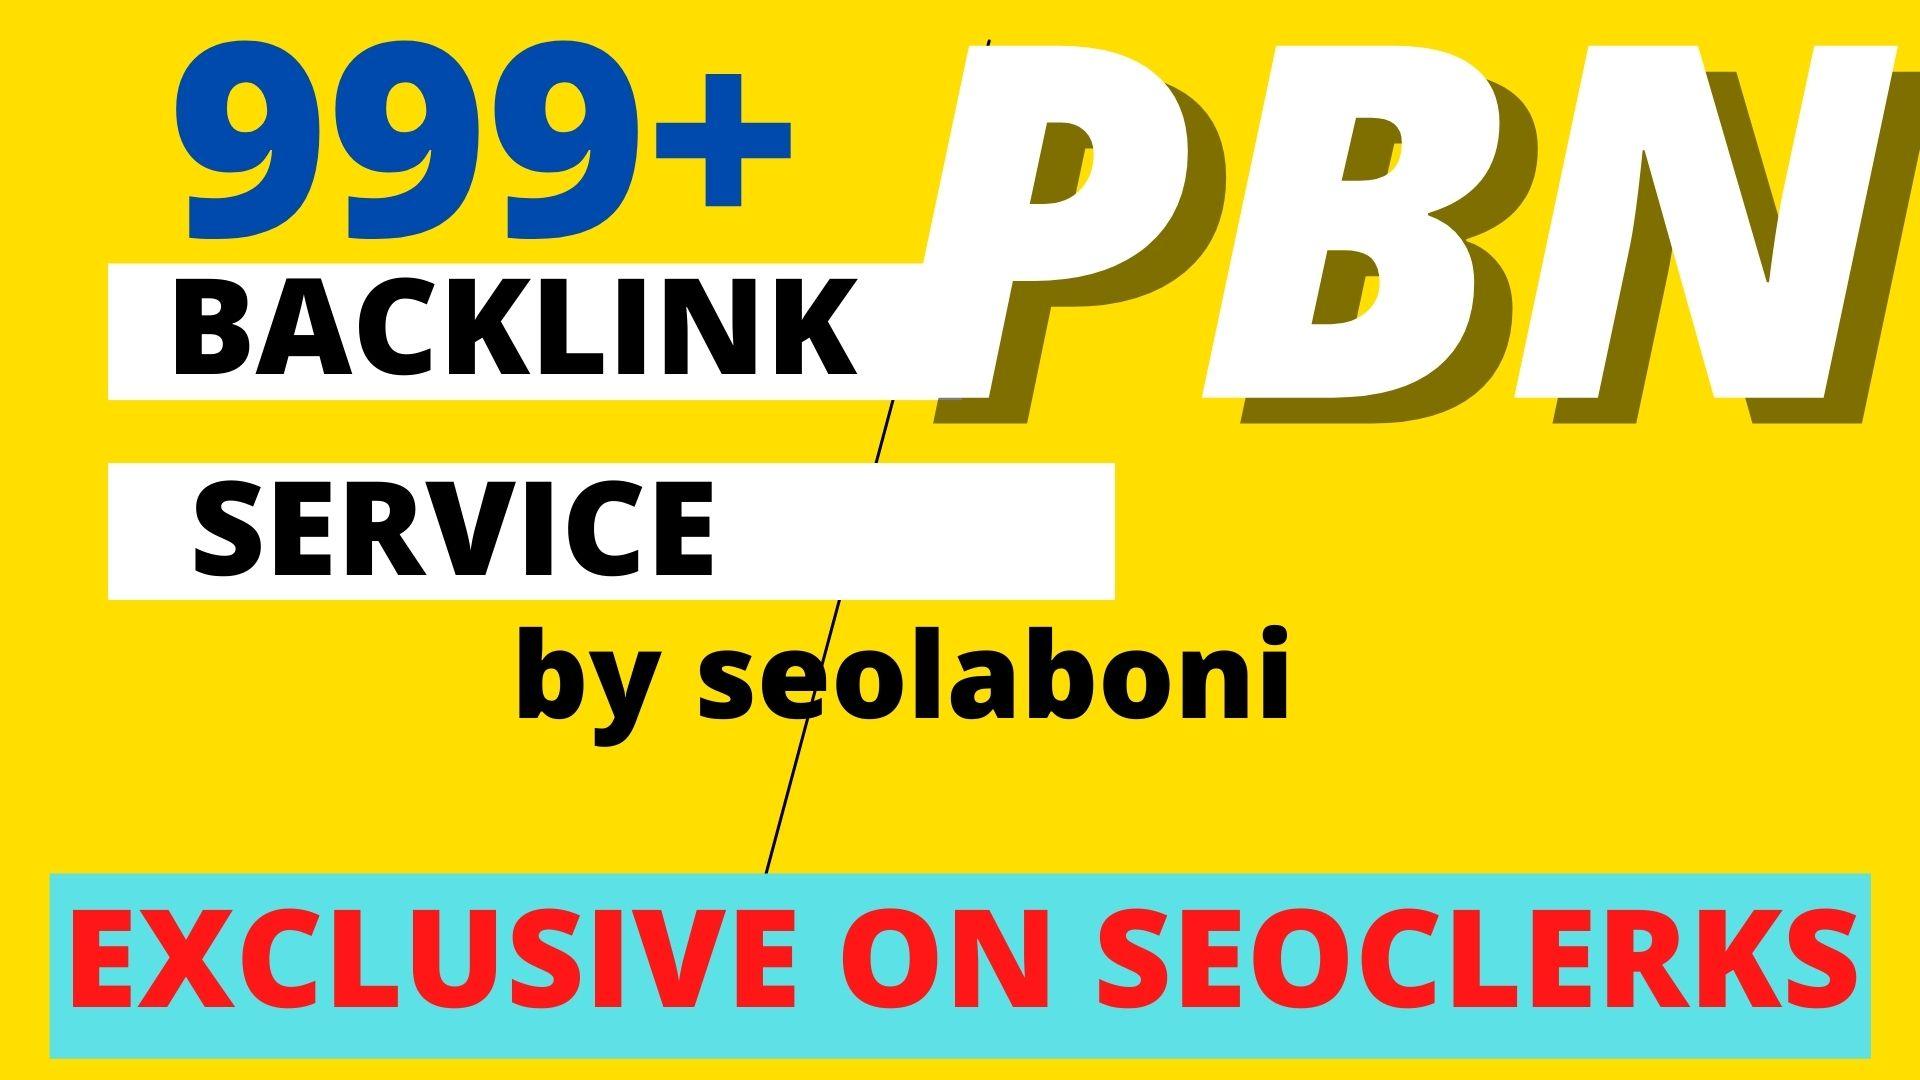 Manual 999+ High PA/DA TF/CF Homepage Dofollow PBN Backlinks